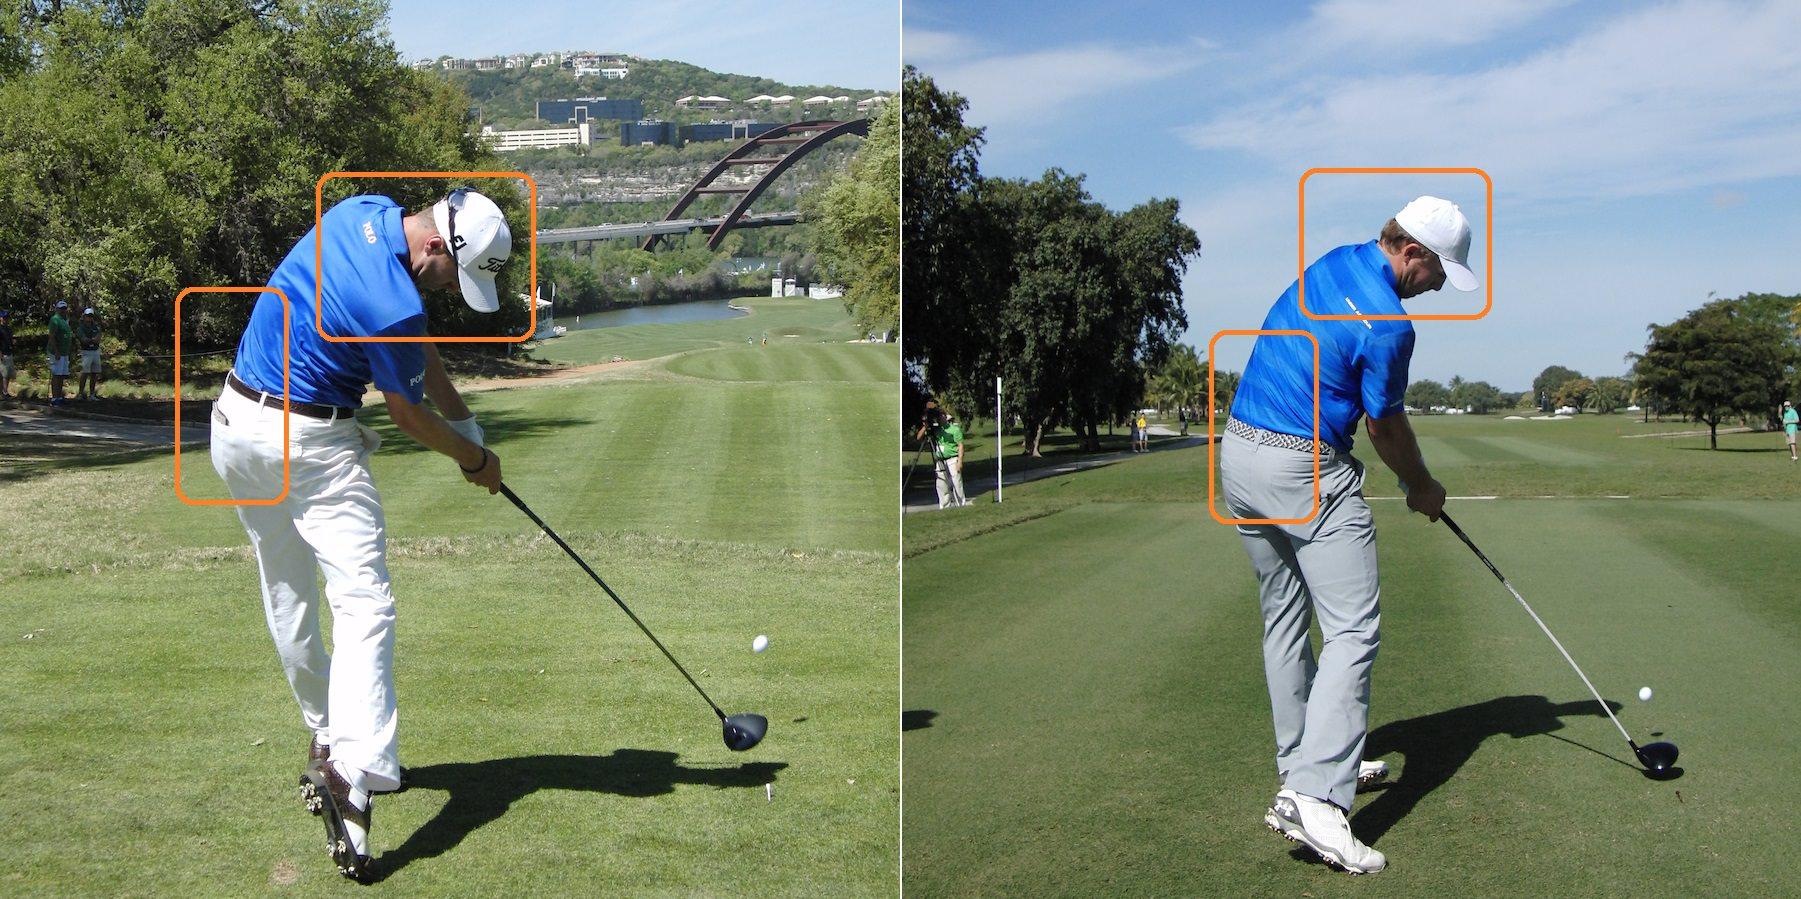 Notez la différence de position après l'impact entre Justin Thomas (à gauche), et son copain Jordan Spieth (à droite).